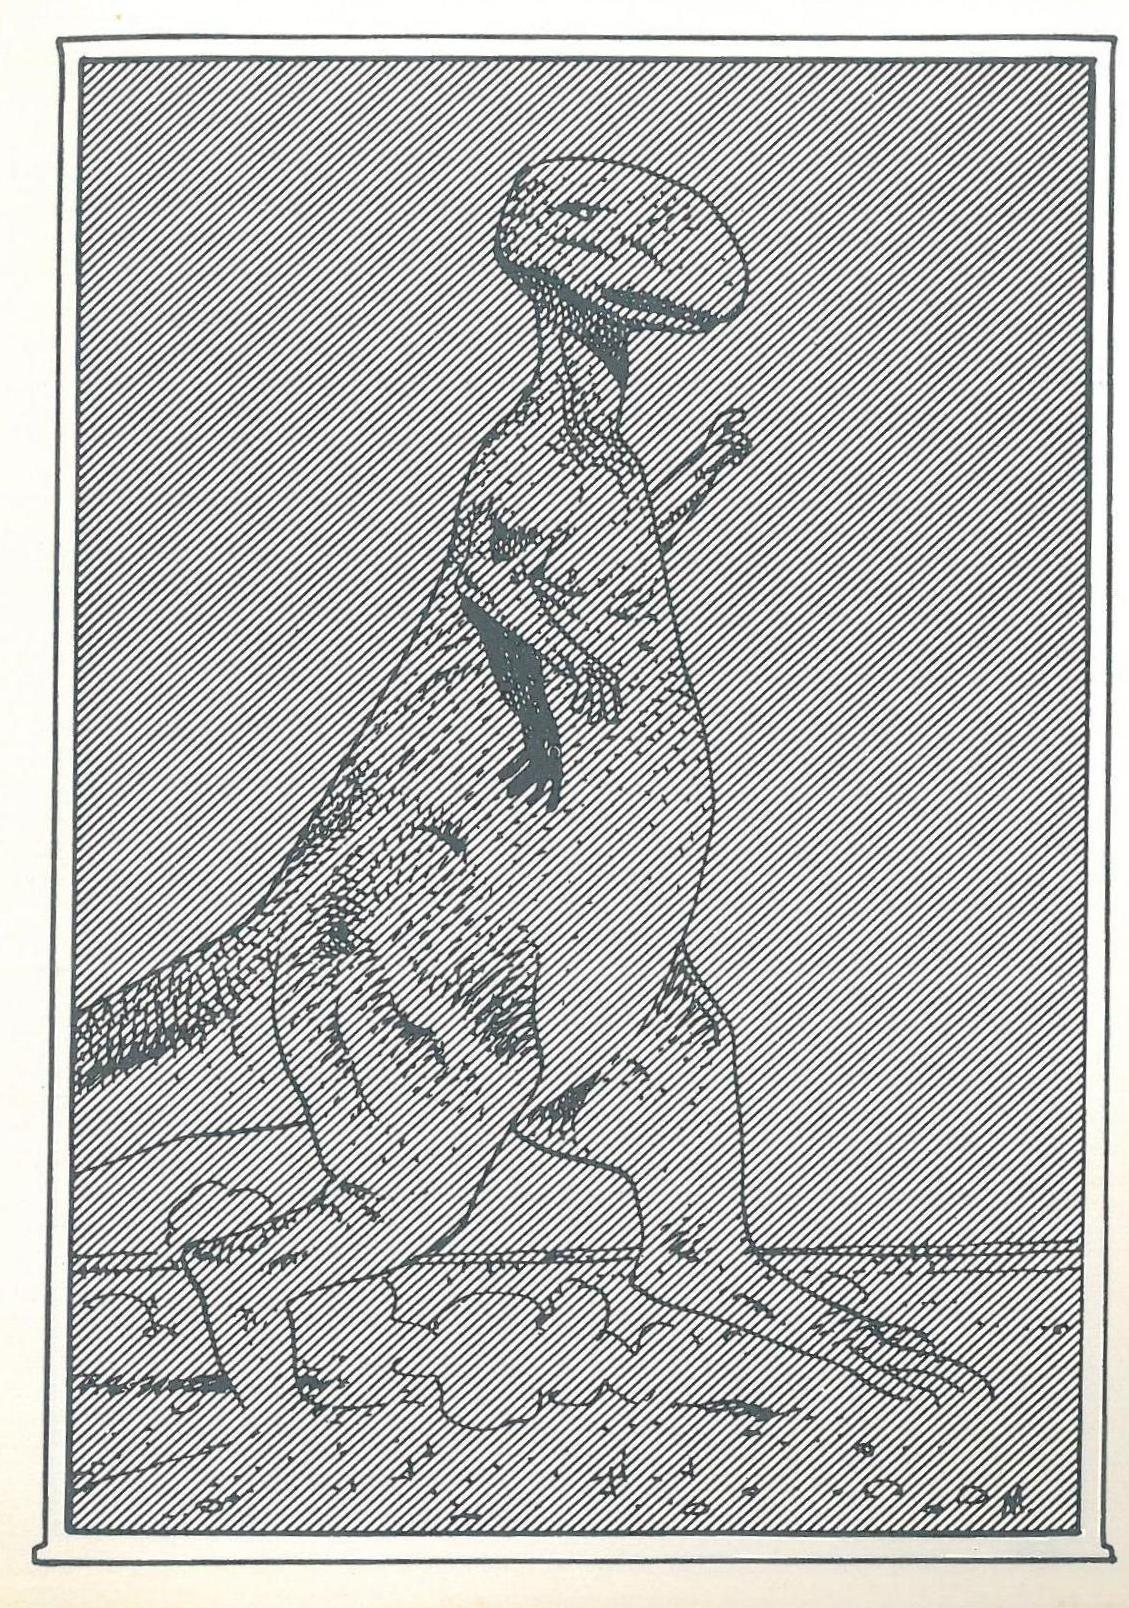 Ray Bradbury - Τυρανόσαυρος Ρεξ